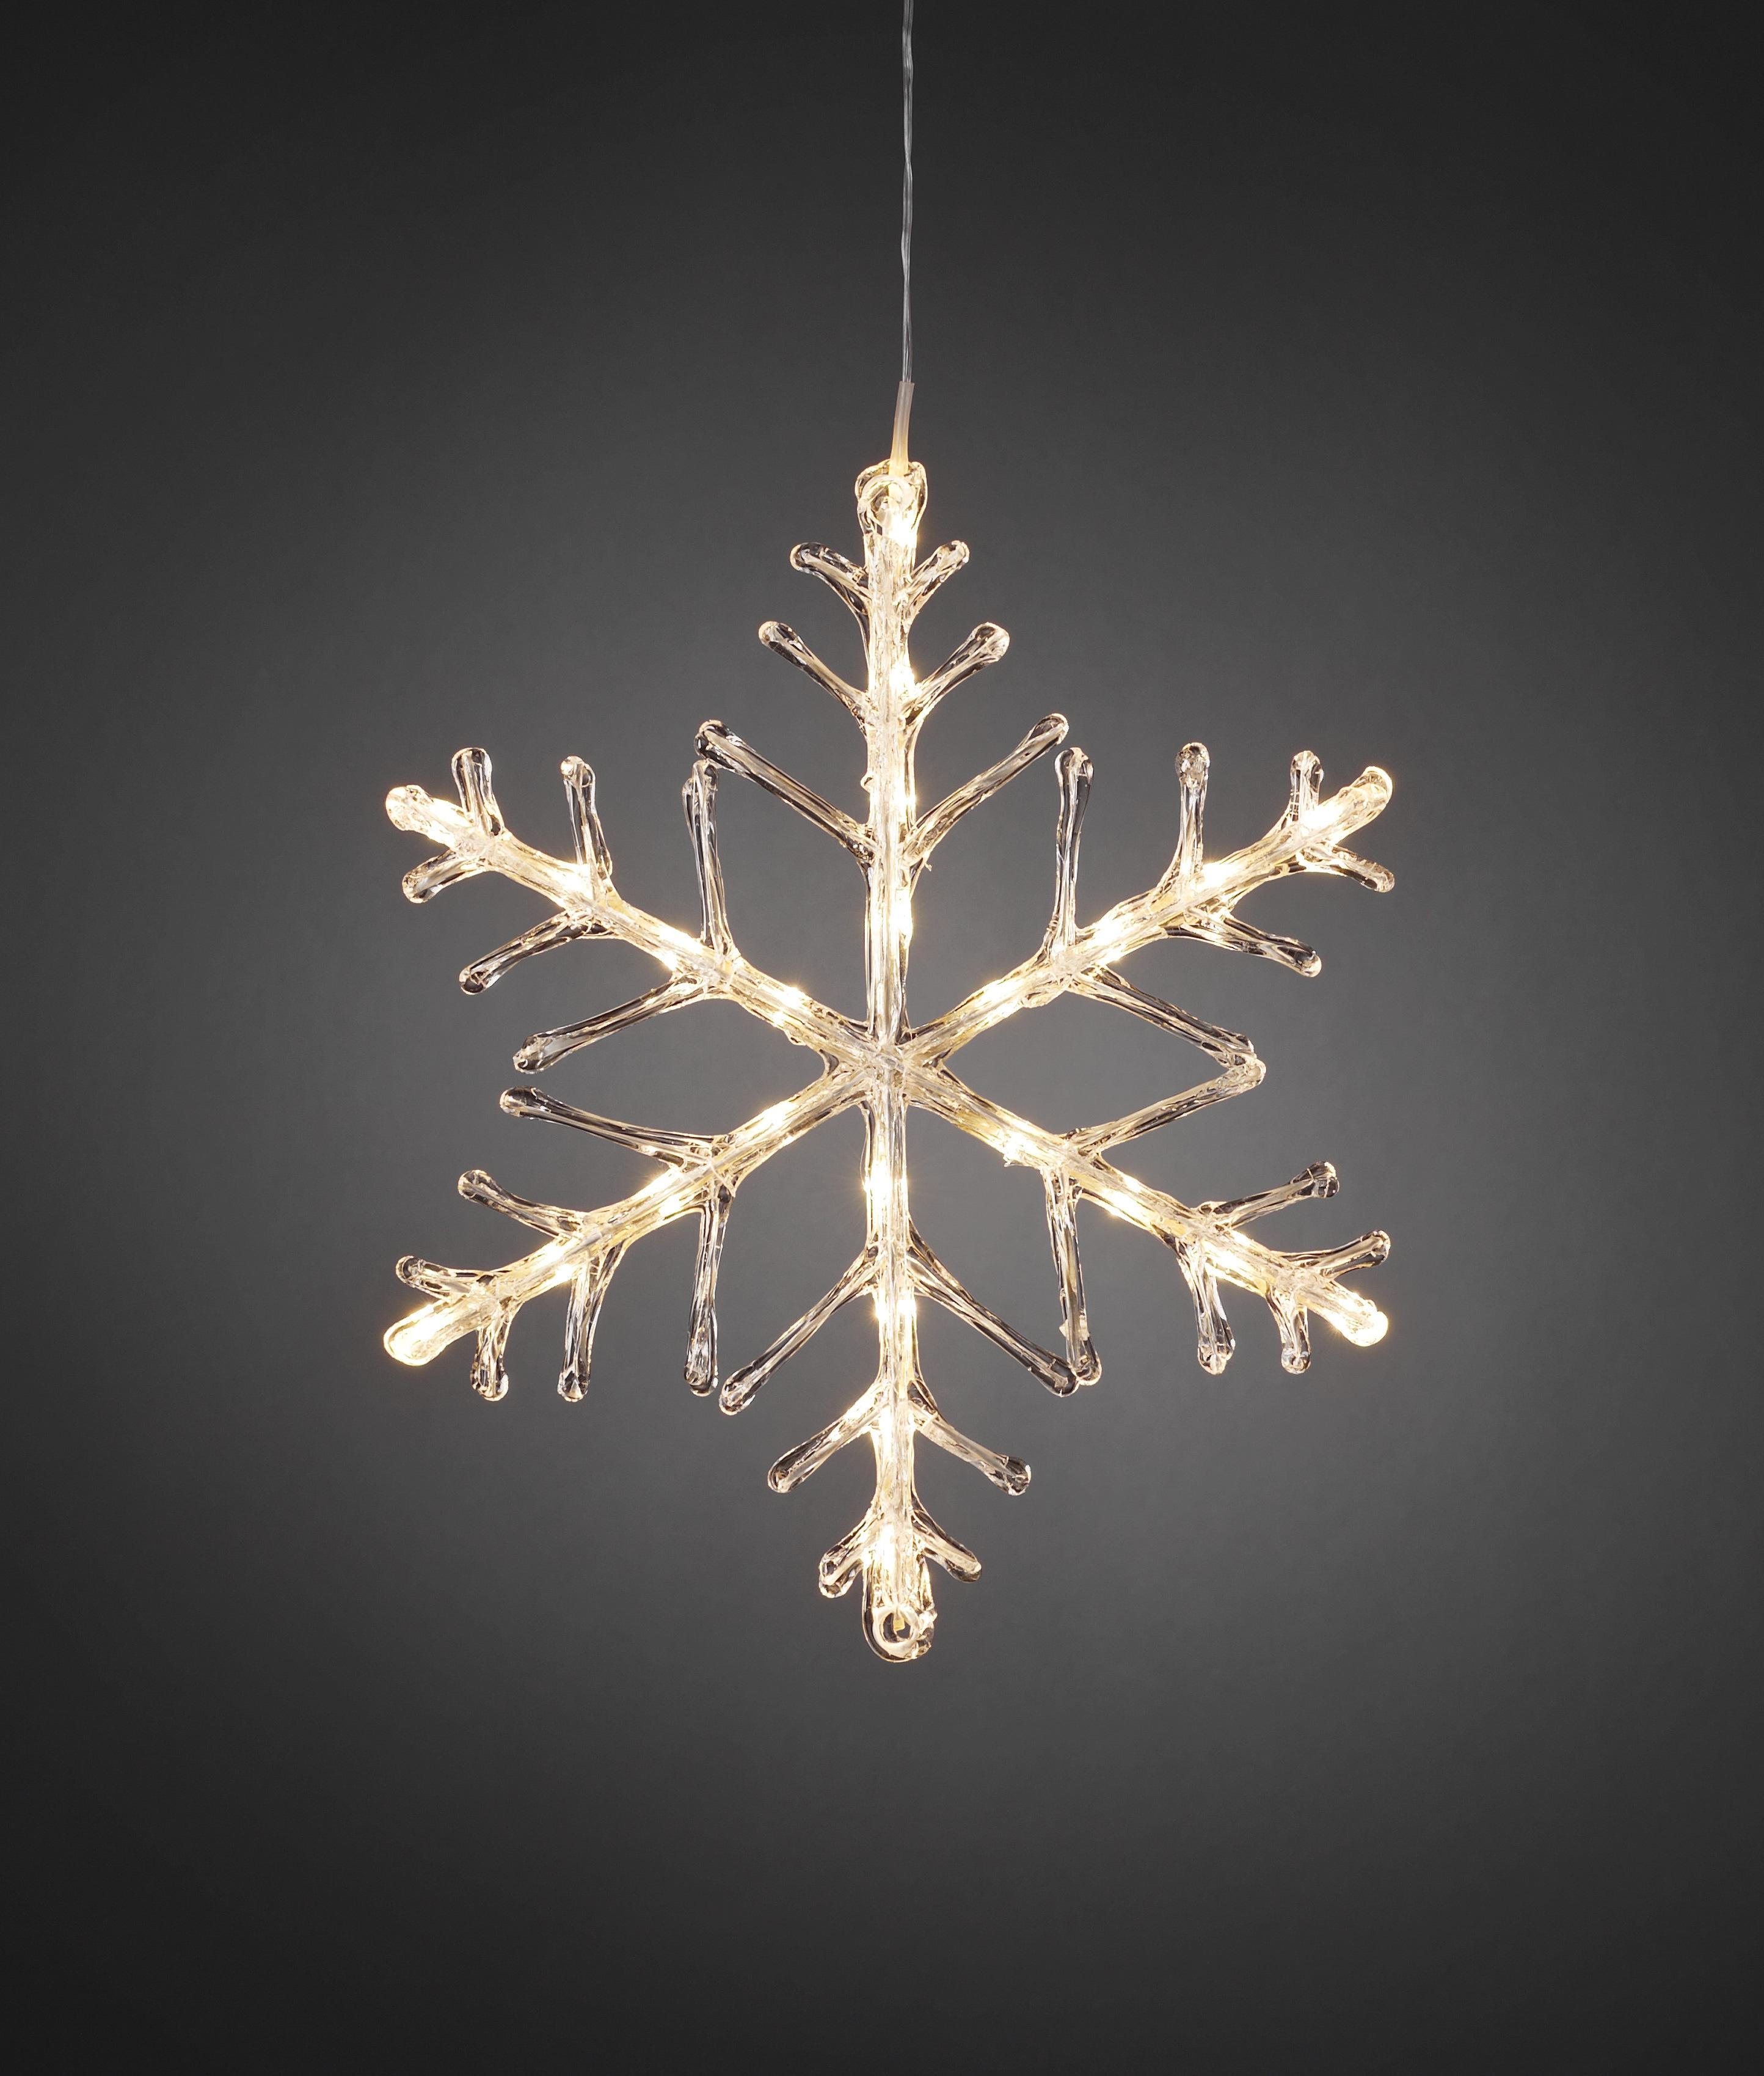 Hanging Led Christmas Snowflake